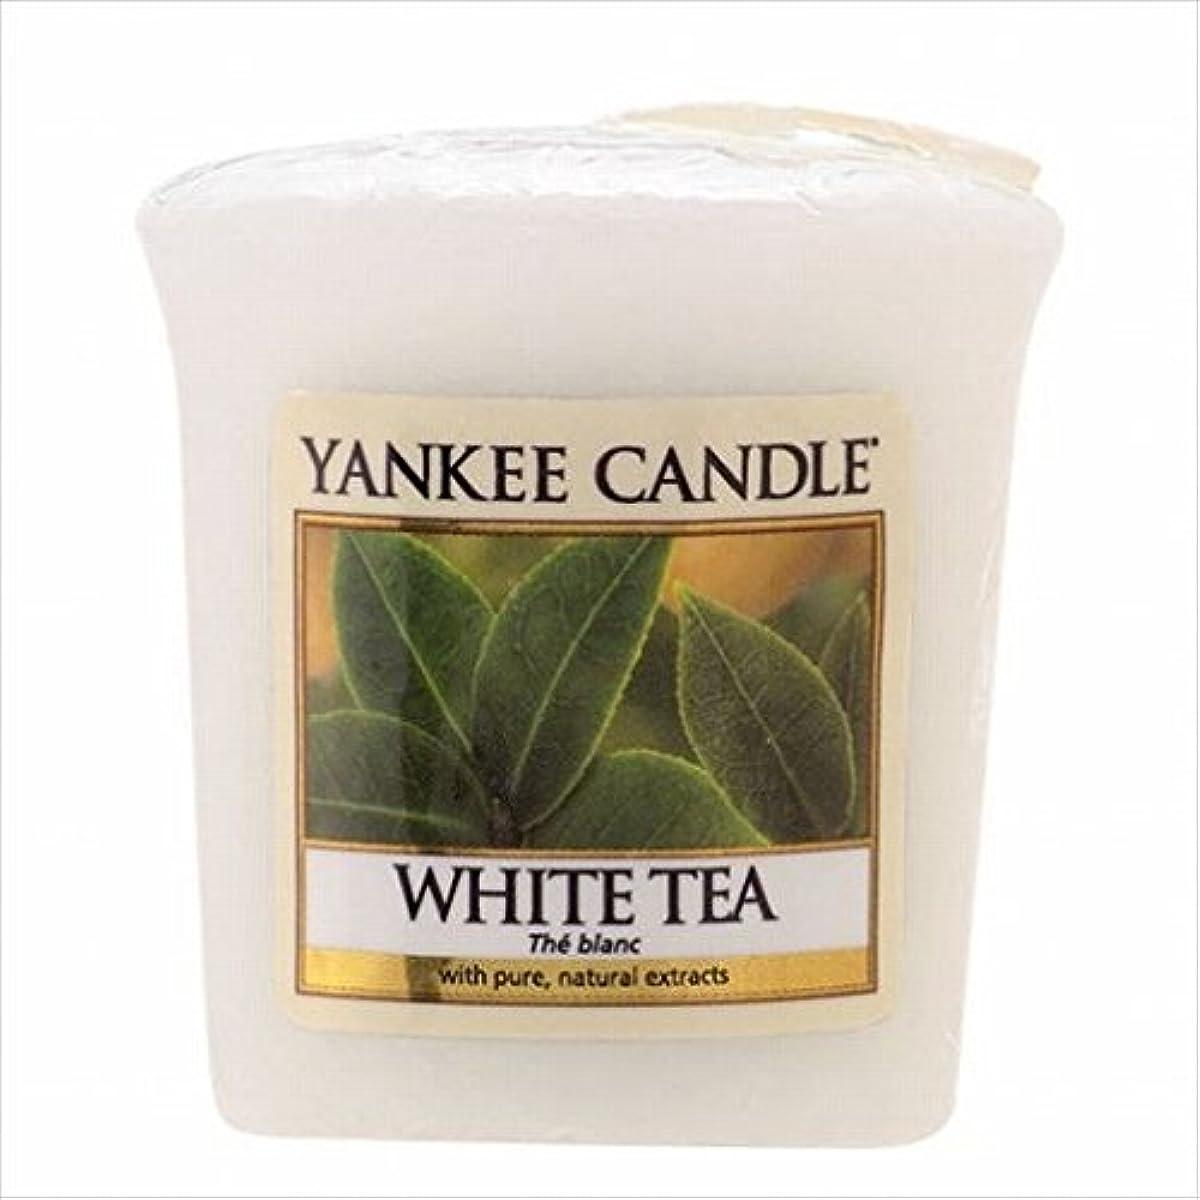 合理化休日にバタフライYANKEE CANDLE(ヤンキーキャンドル) YANKEE CANDLE サンプラー 「 ホワイトティー 」6個セット(K00105277)